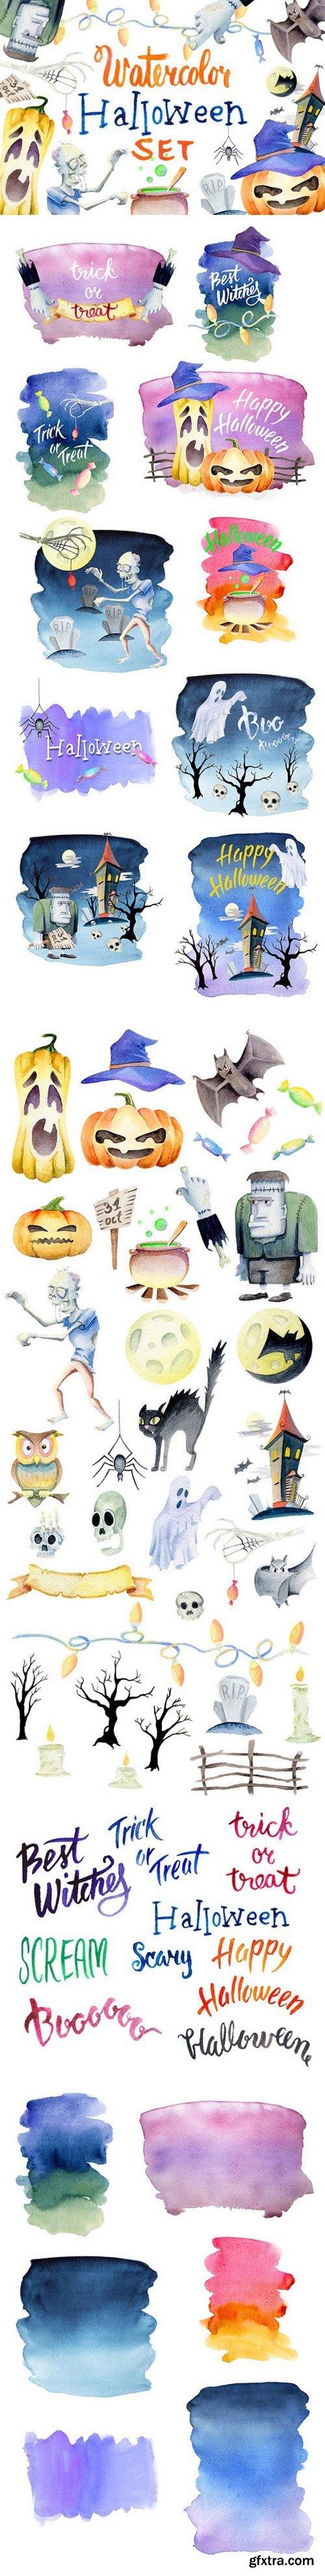 CM - Watercolor Halloween Set 399511